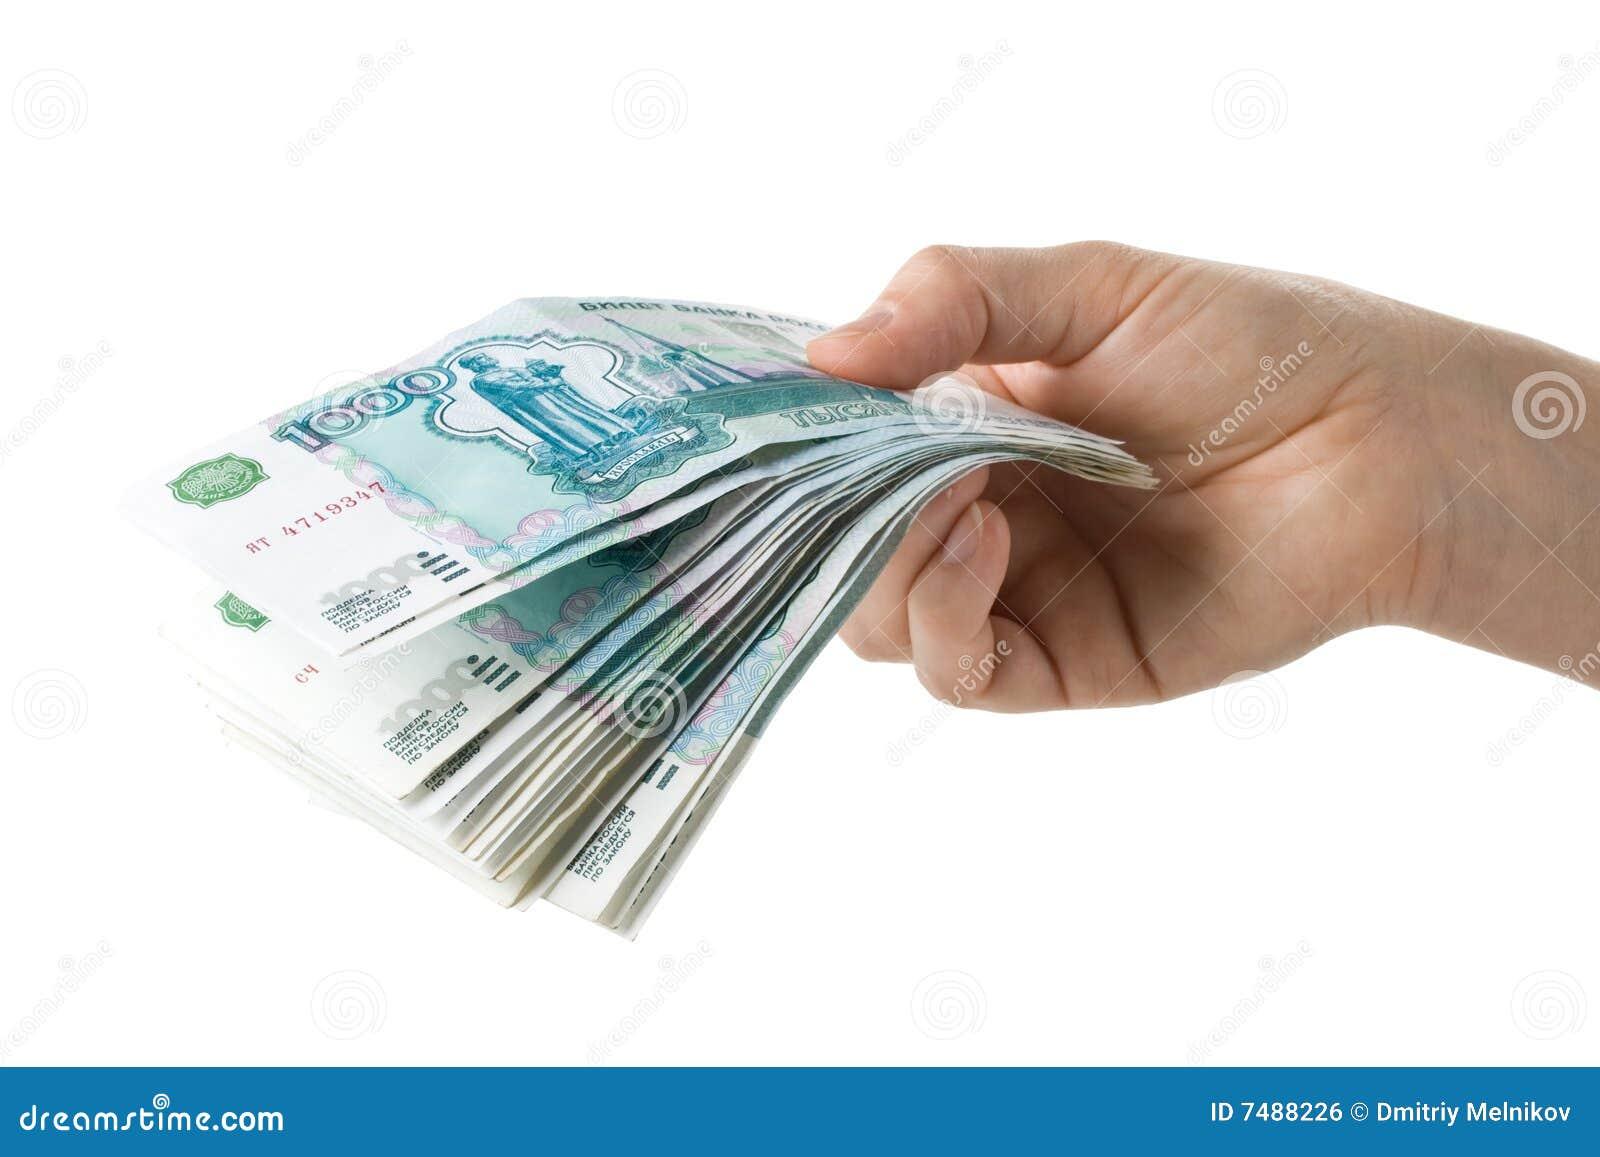 деньги в руки оплата займа онлайн